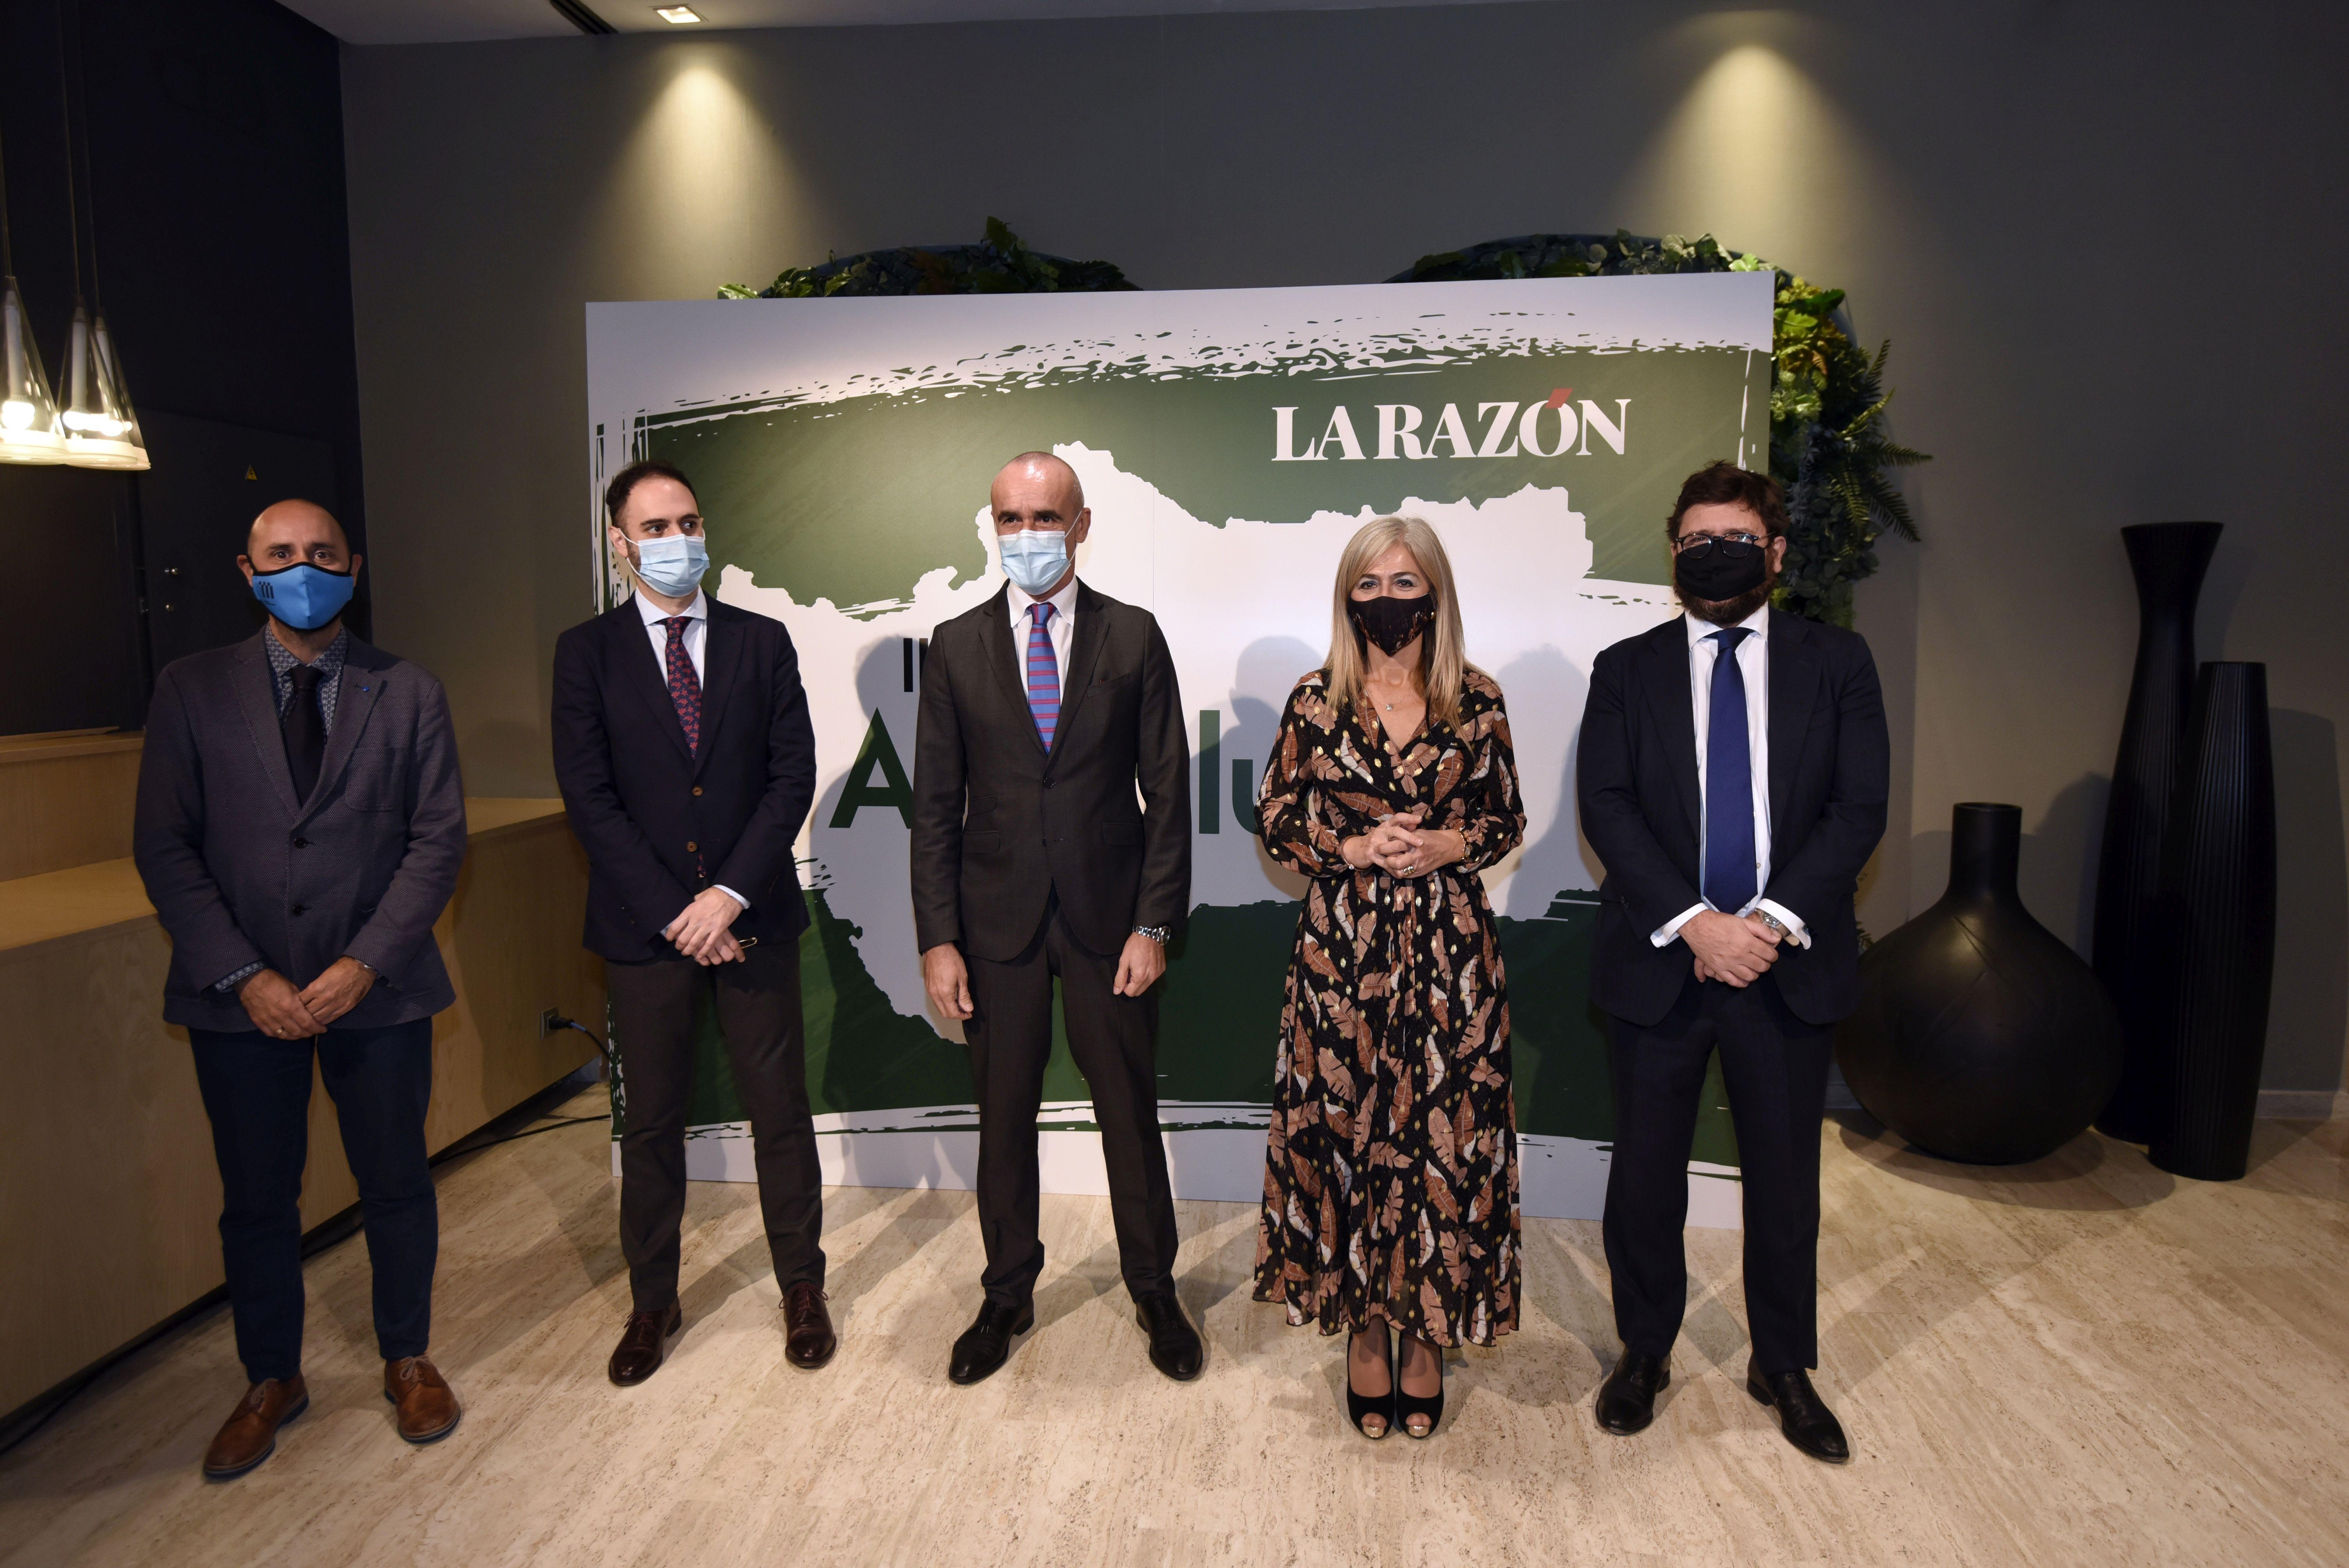 Éxito y esfuerzo, claves en los II Premios Andalucía de LA RAZÓN